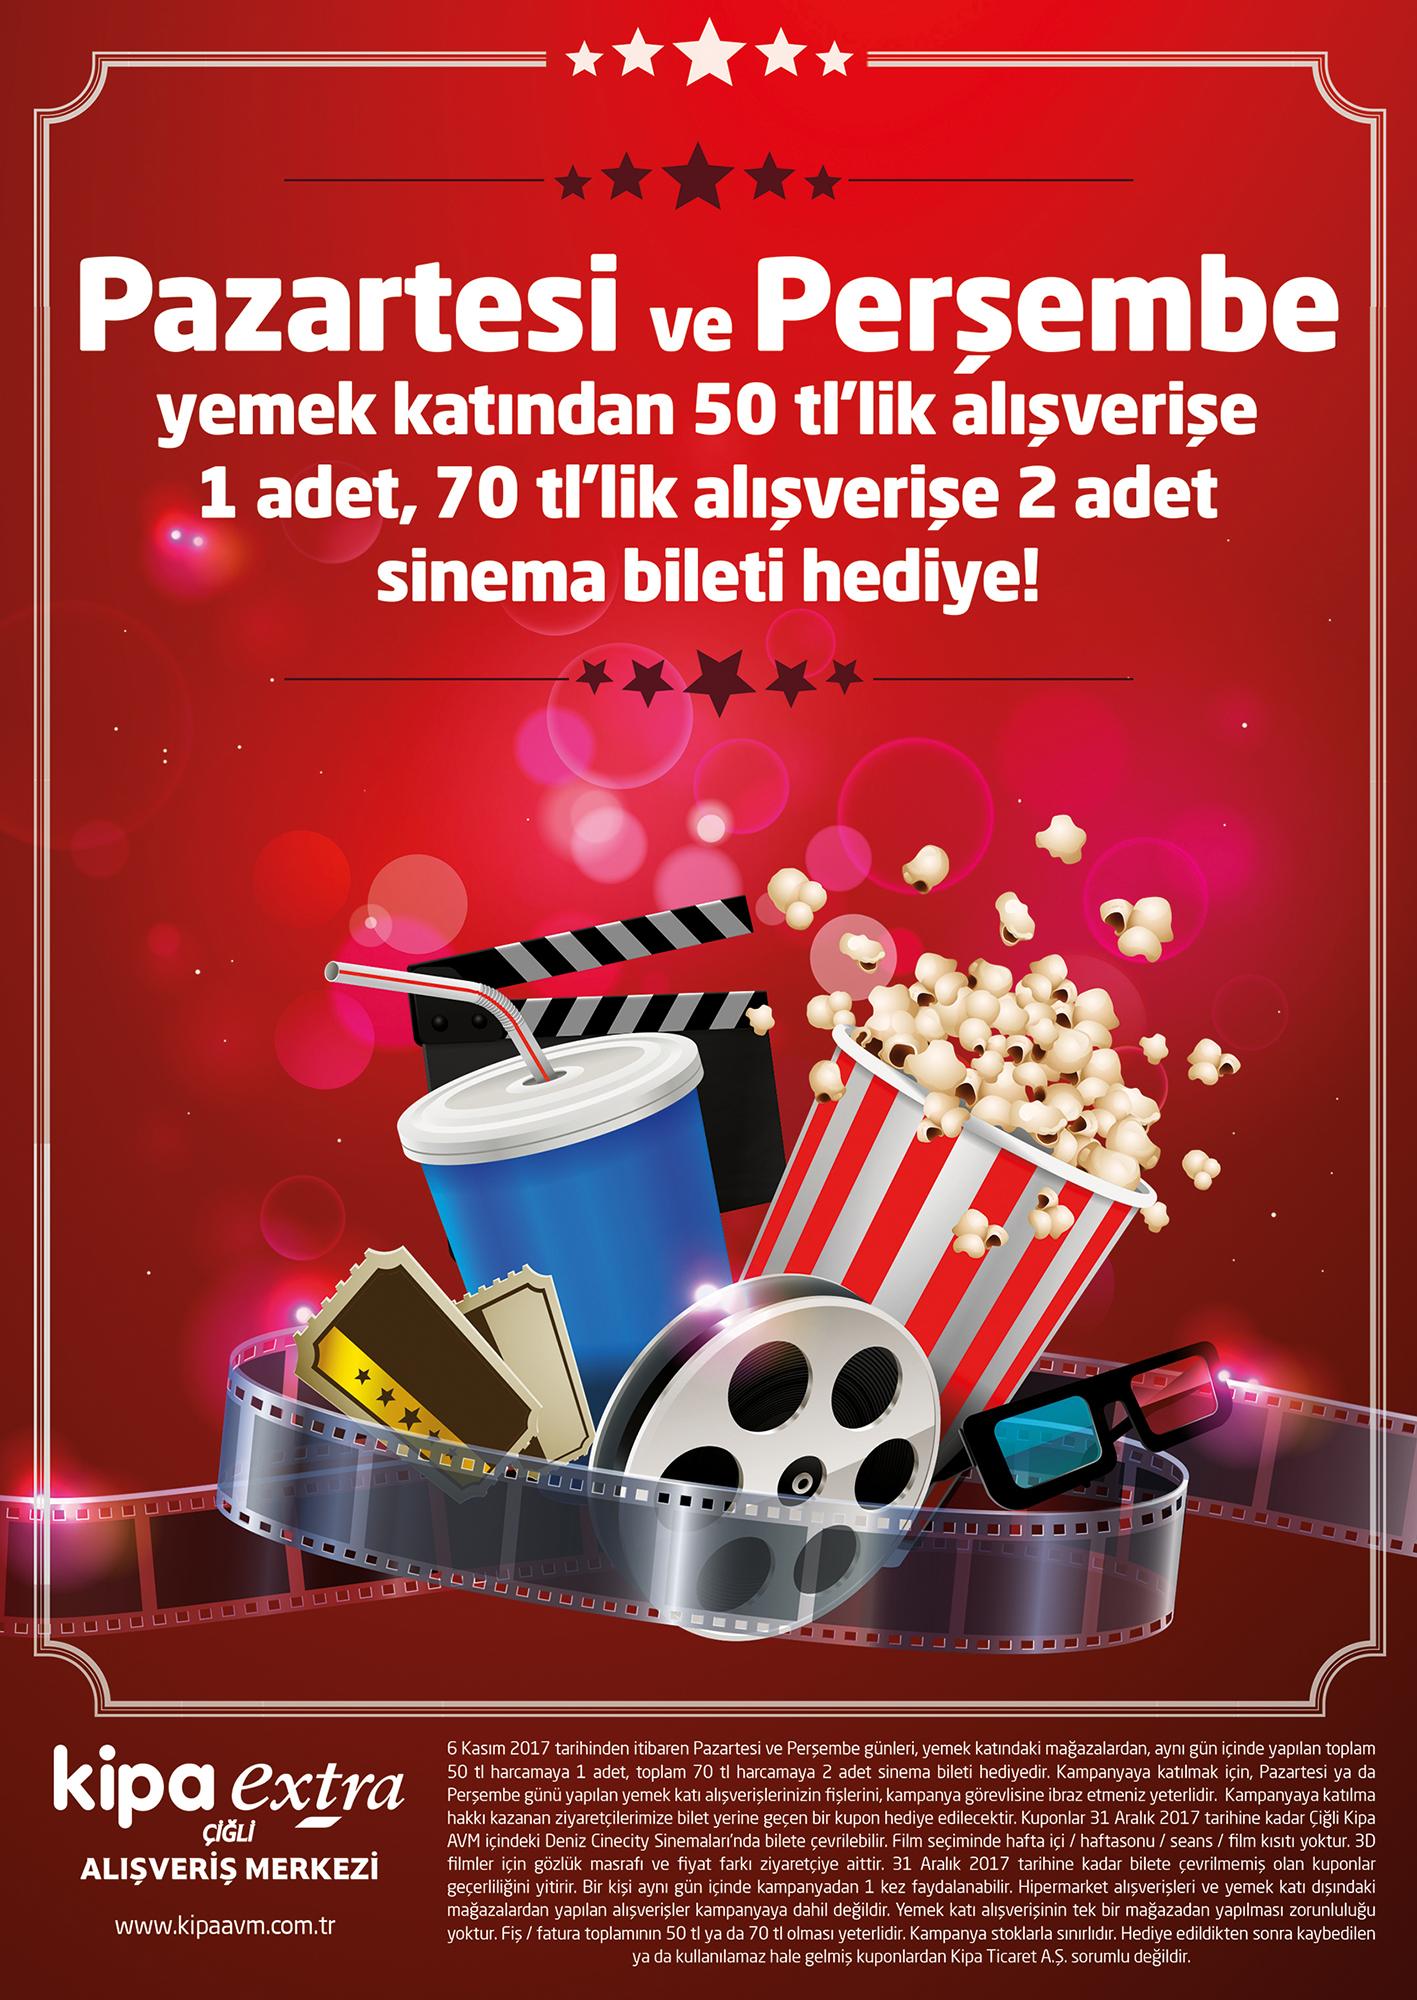 Pazartesi ve Perşembe günleri Çiğli Kipa AVM yemek katından yapacağınız alışverişlere sinema bileti hediye!